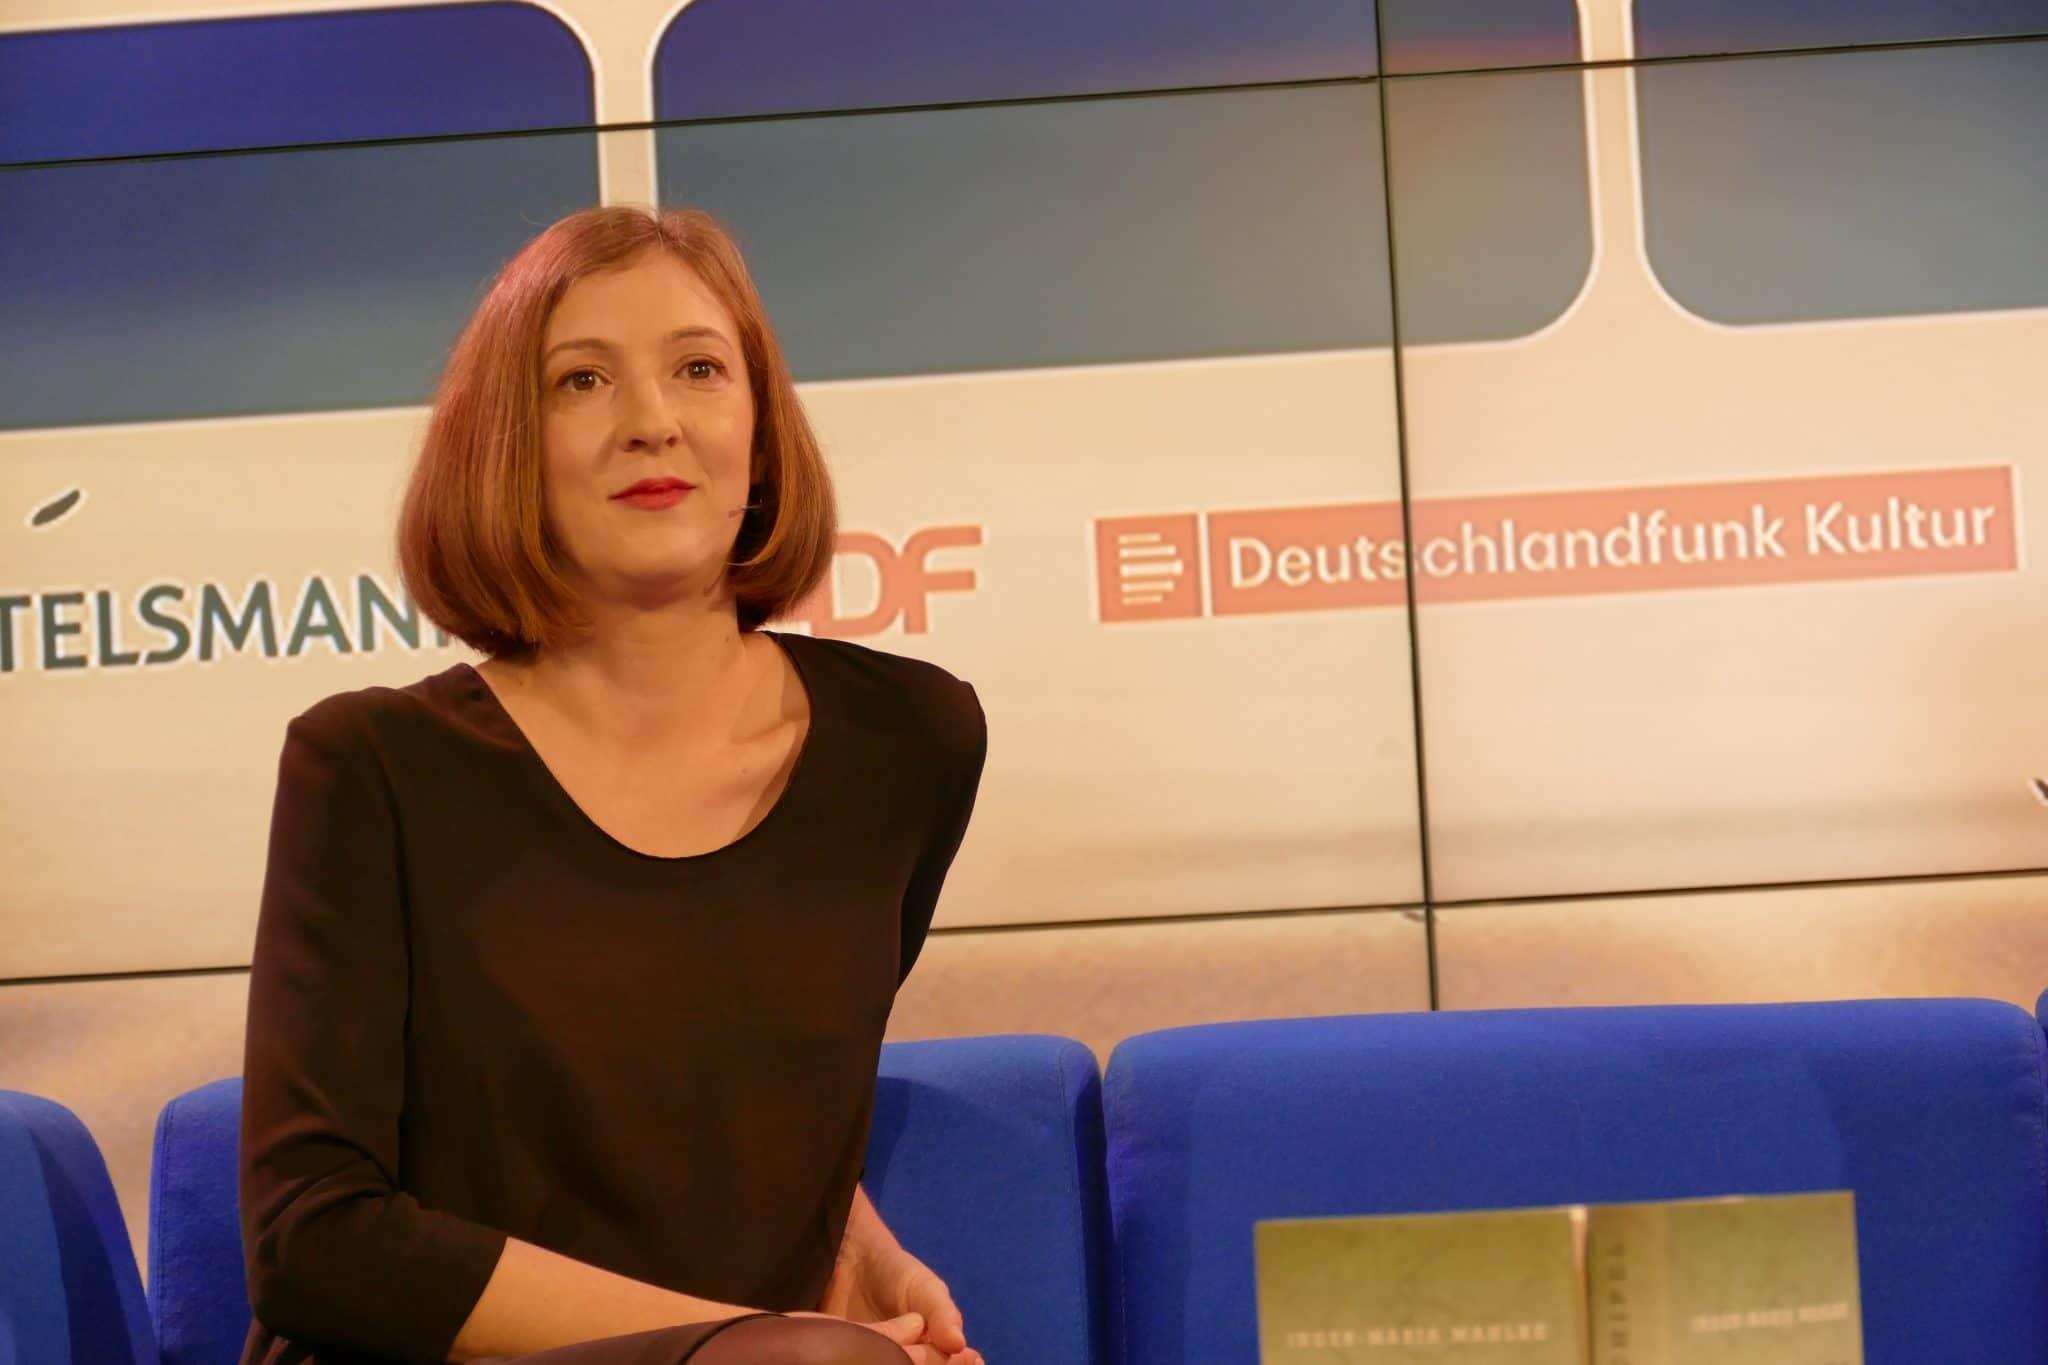 Inger Maria Mahlke